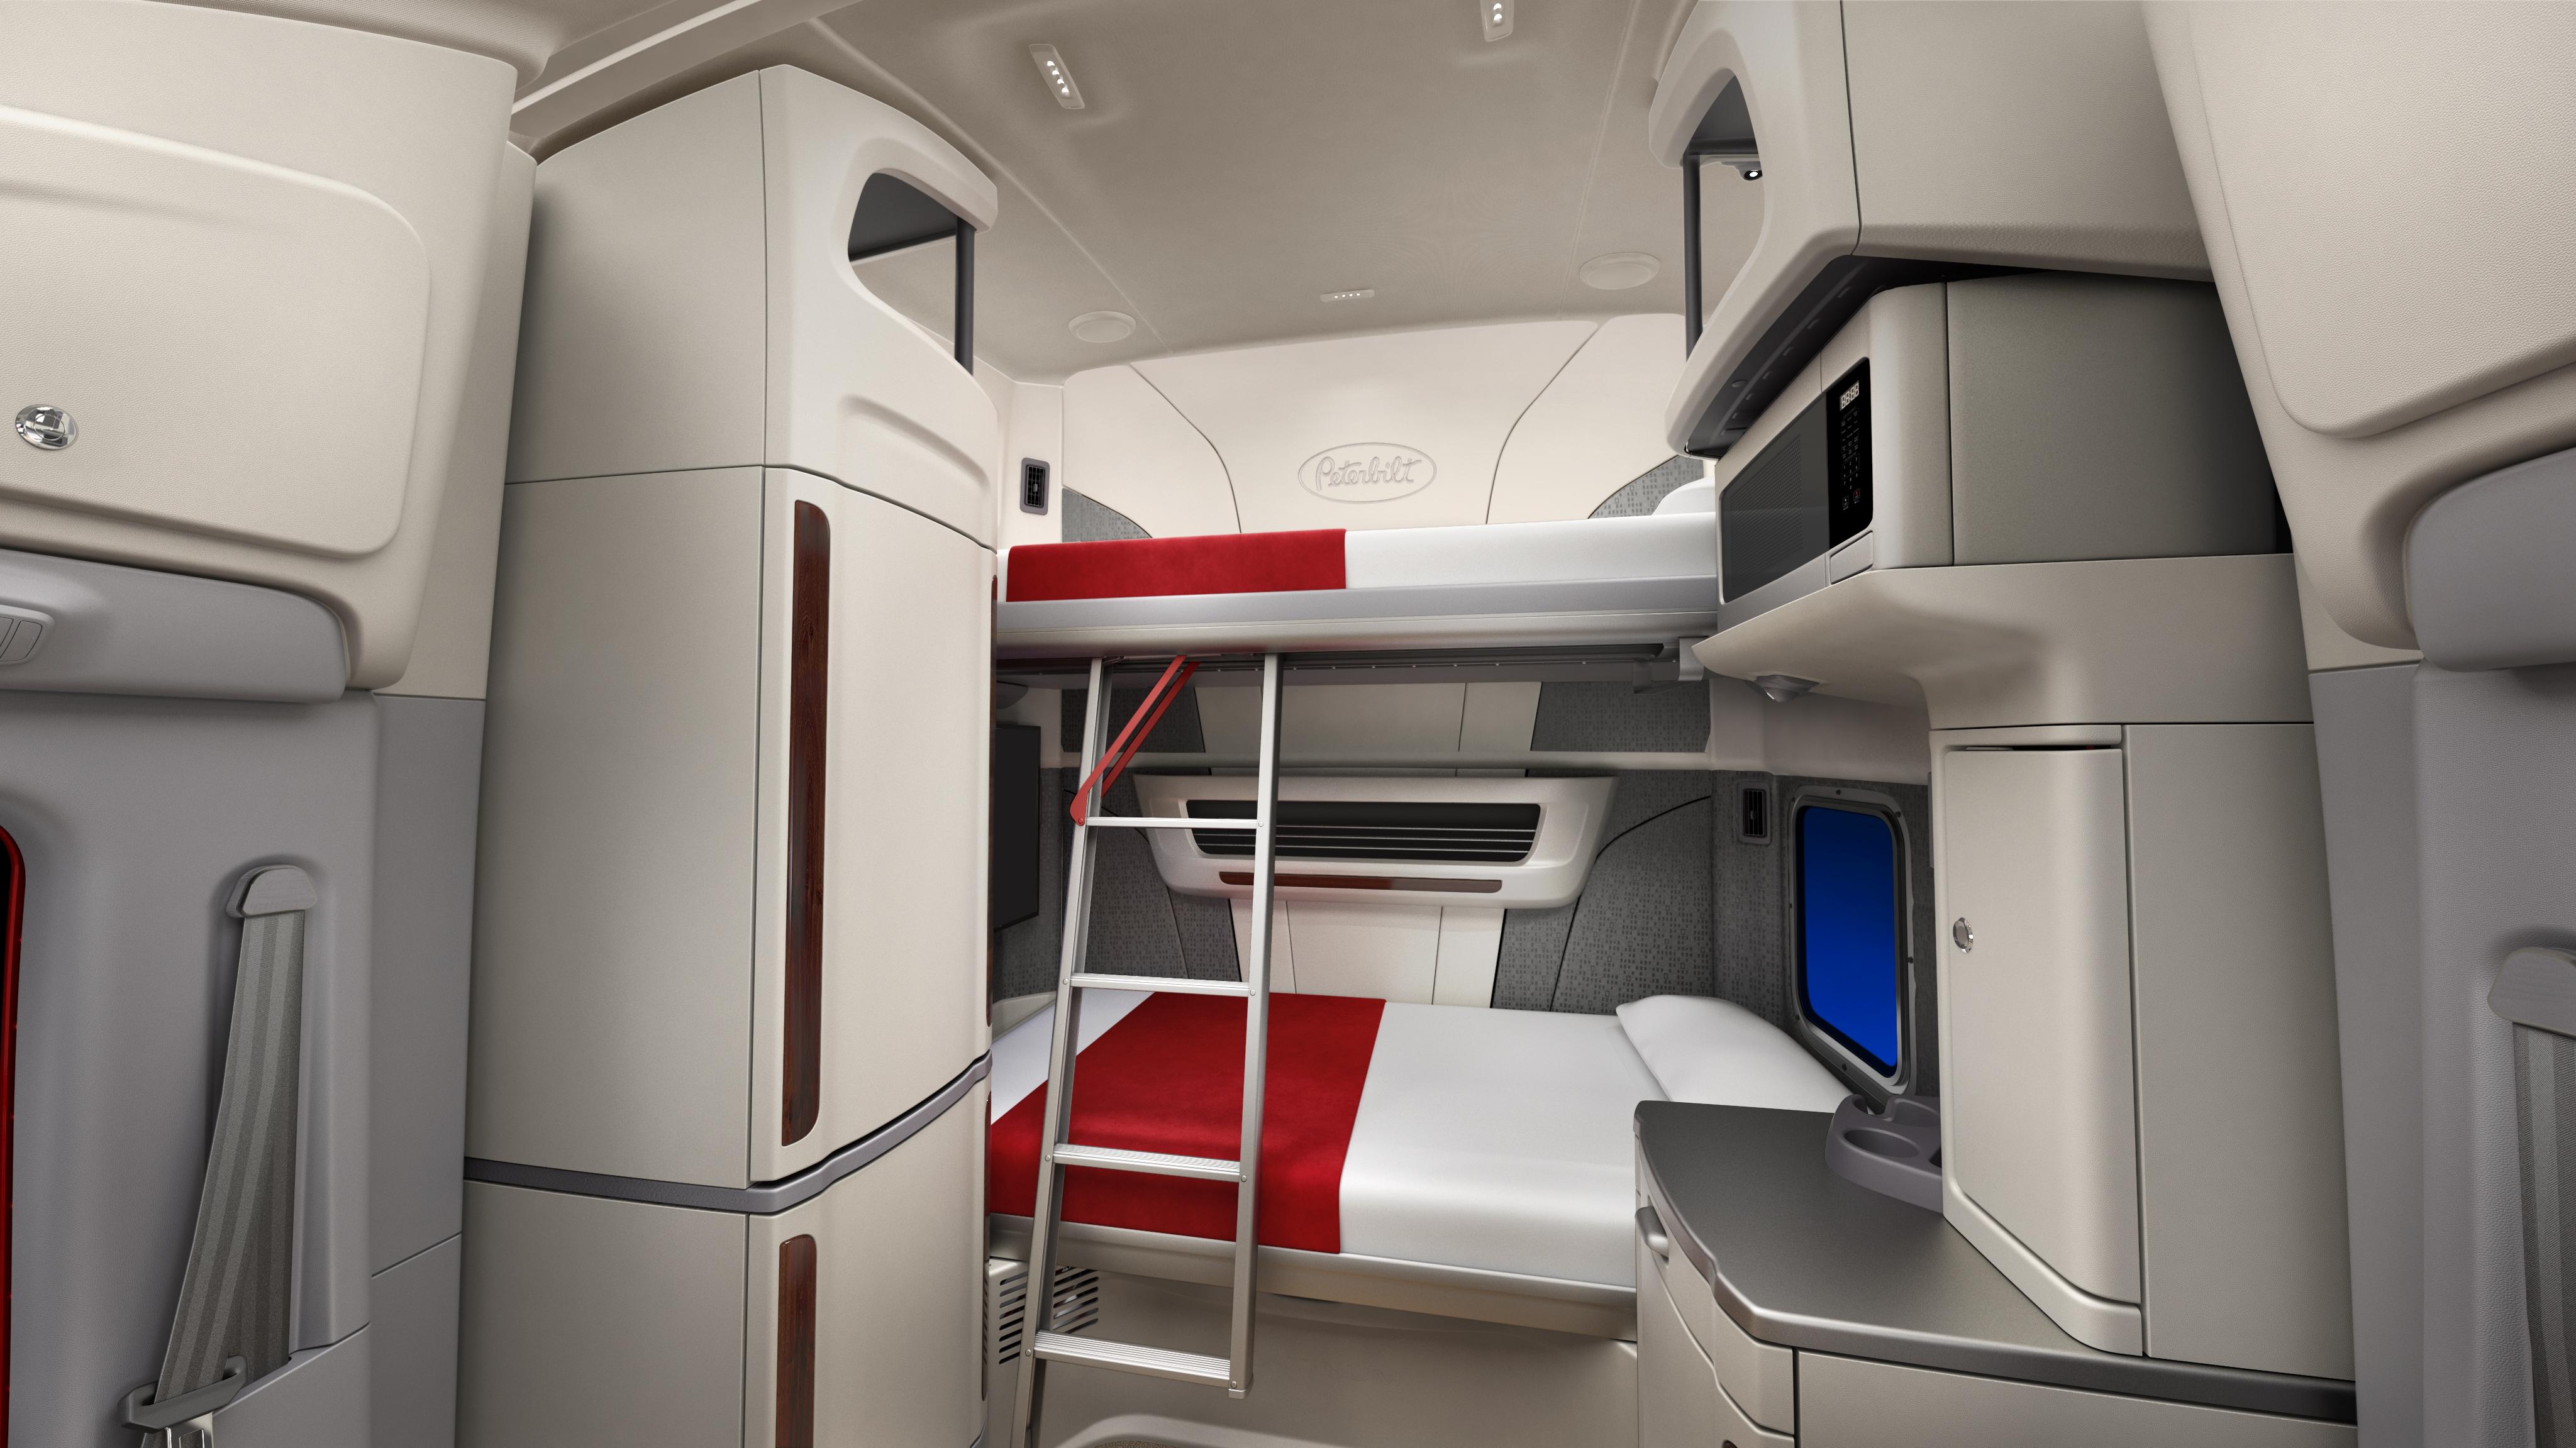 Peterbilt Unveils Model 579 UltraLoft Integrated Sleeper Truck